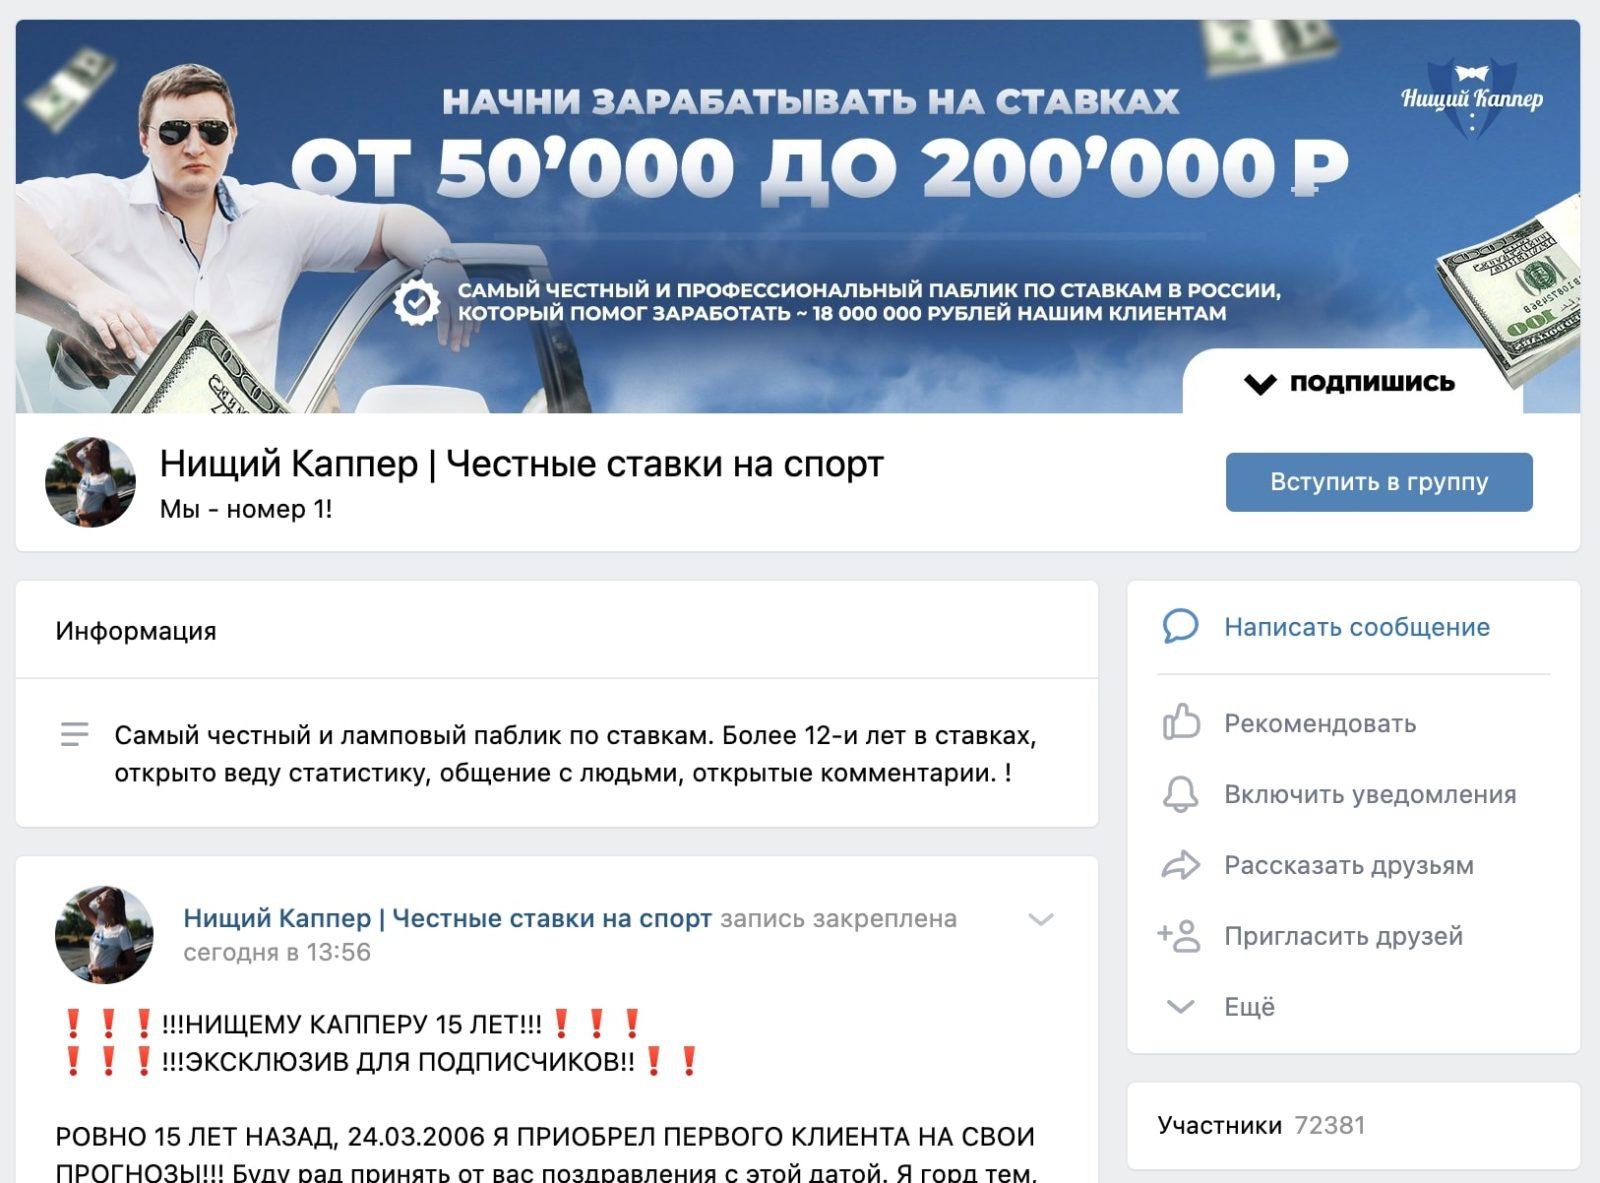 Группа ВК каппера Нищий Каппер (Василий Винокуров)